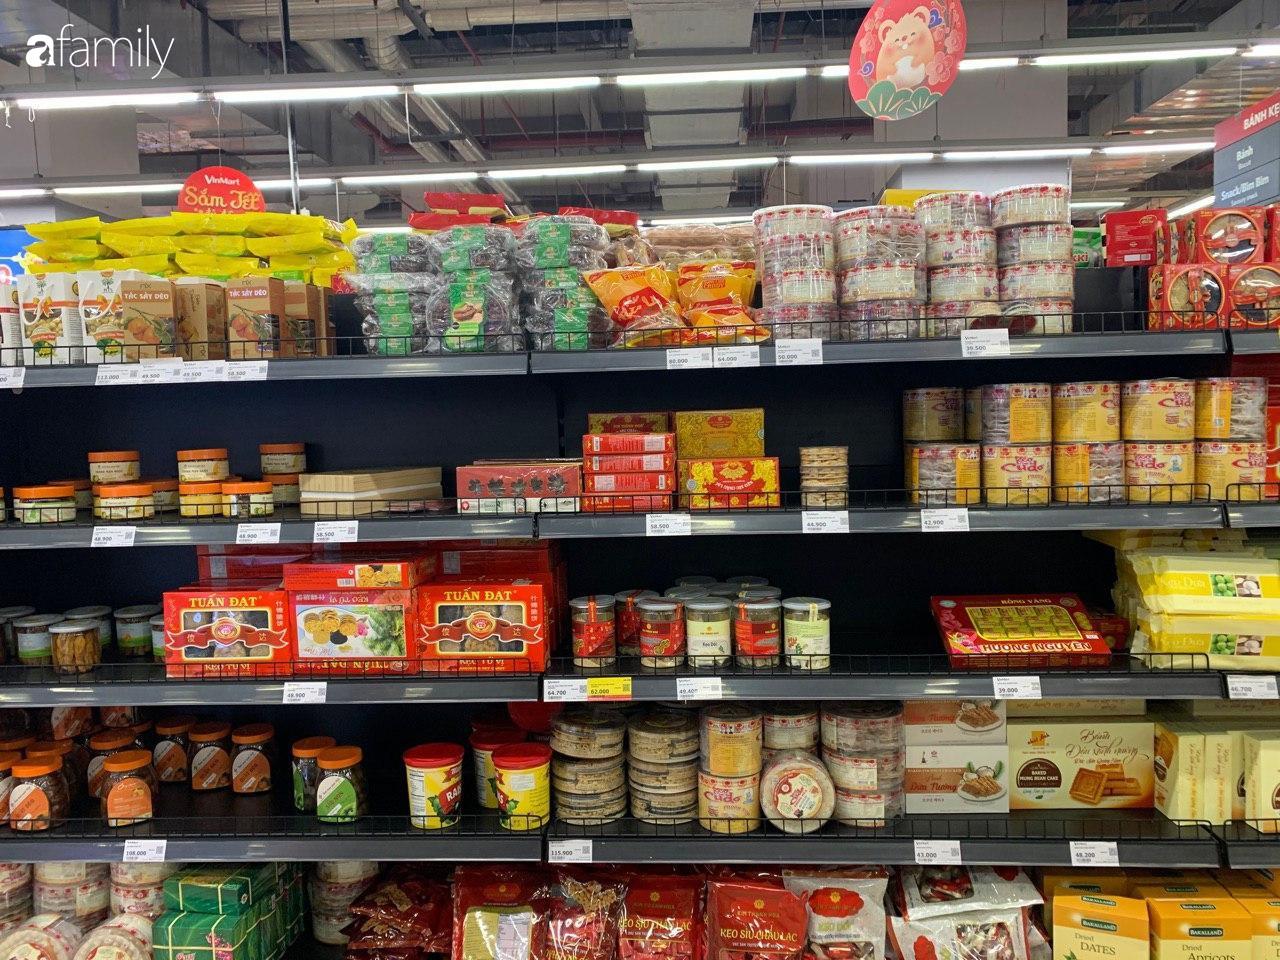 Hà Nội: Siêu thị tan hoang ngày 29 Tết, đồ tươi sống - bánh kẹo đã cháy hàng - 17